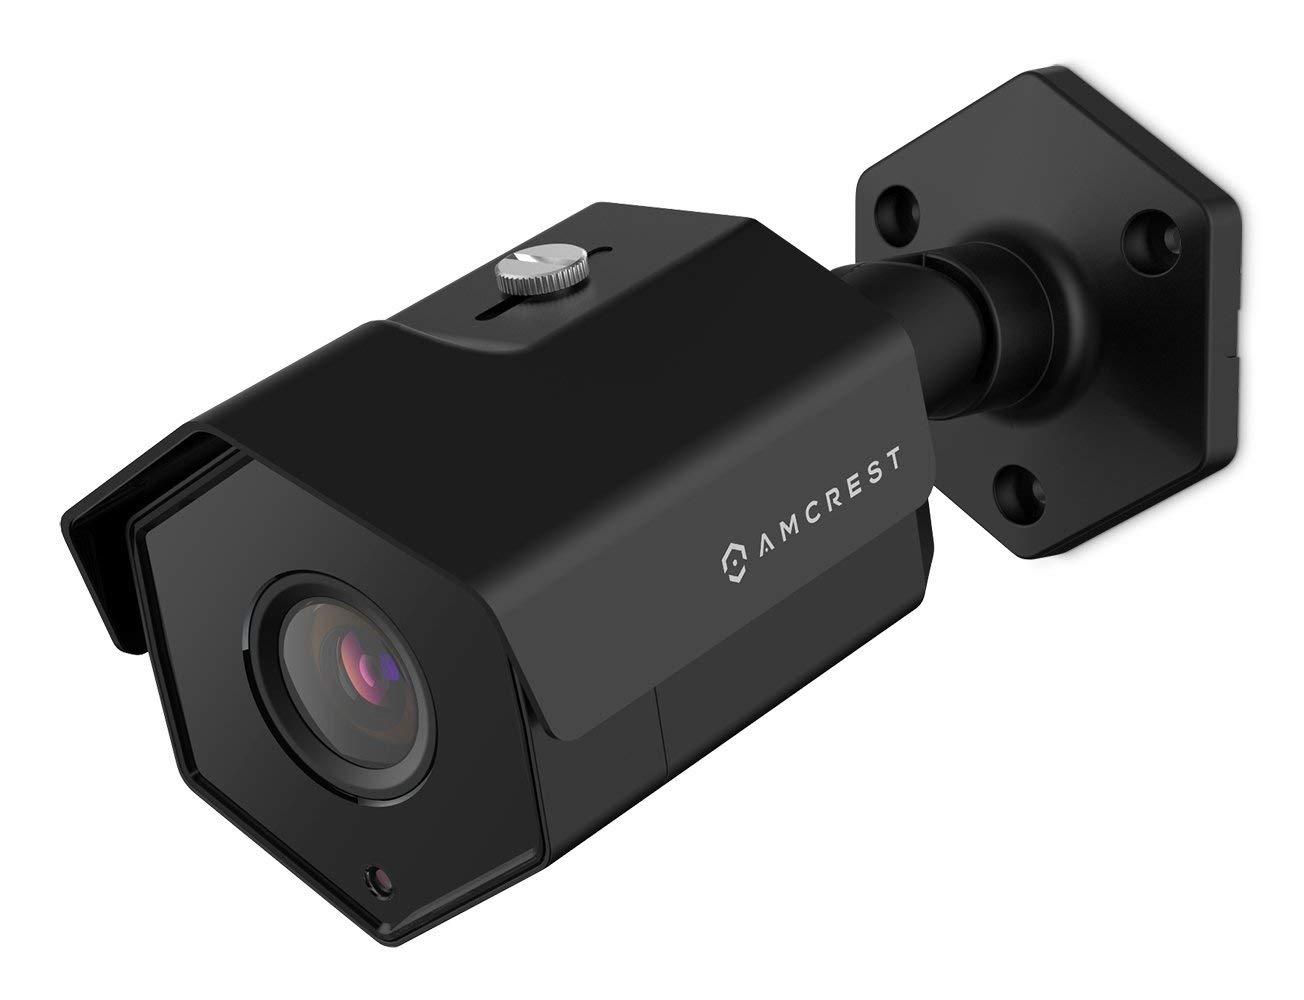 Amcrest 1080p 1920 TVL bullet outdoor security camera– IP2M-852E- no wifi security cameras